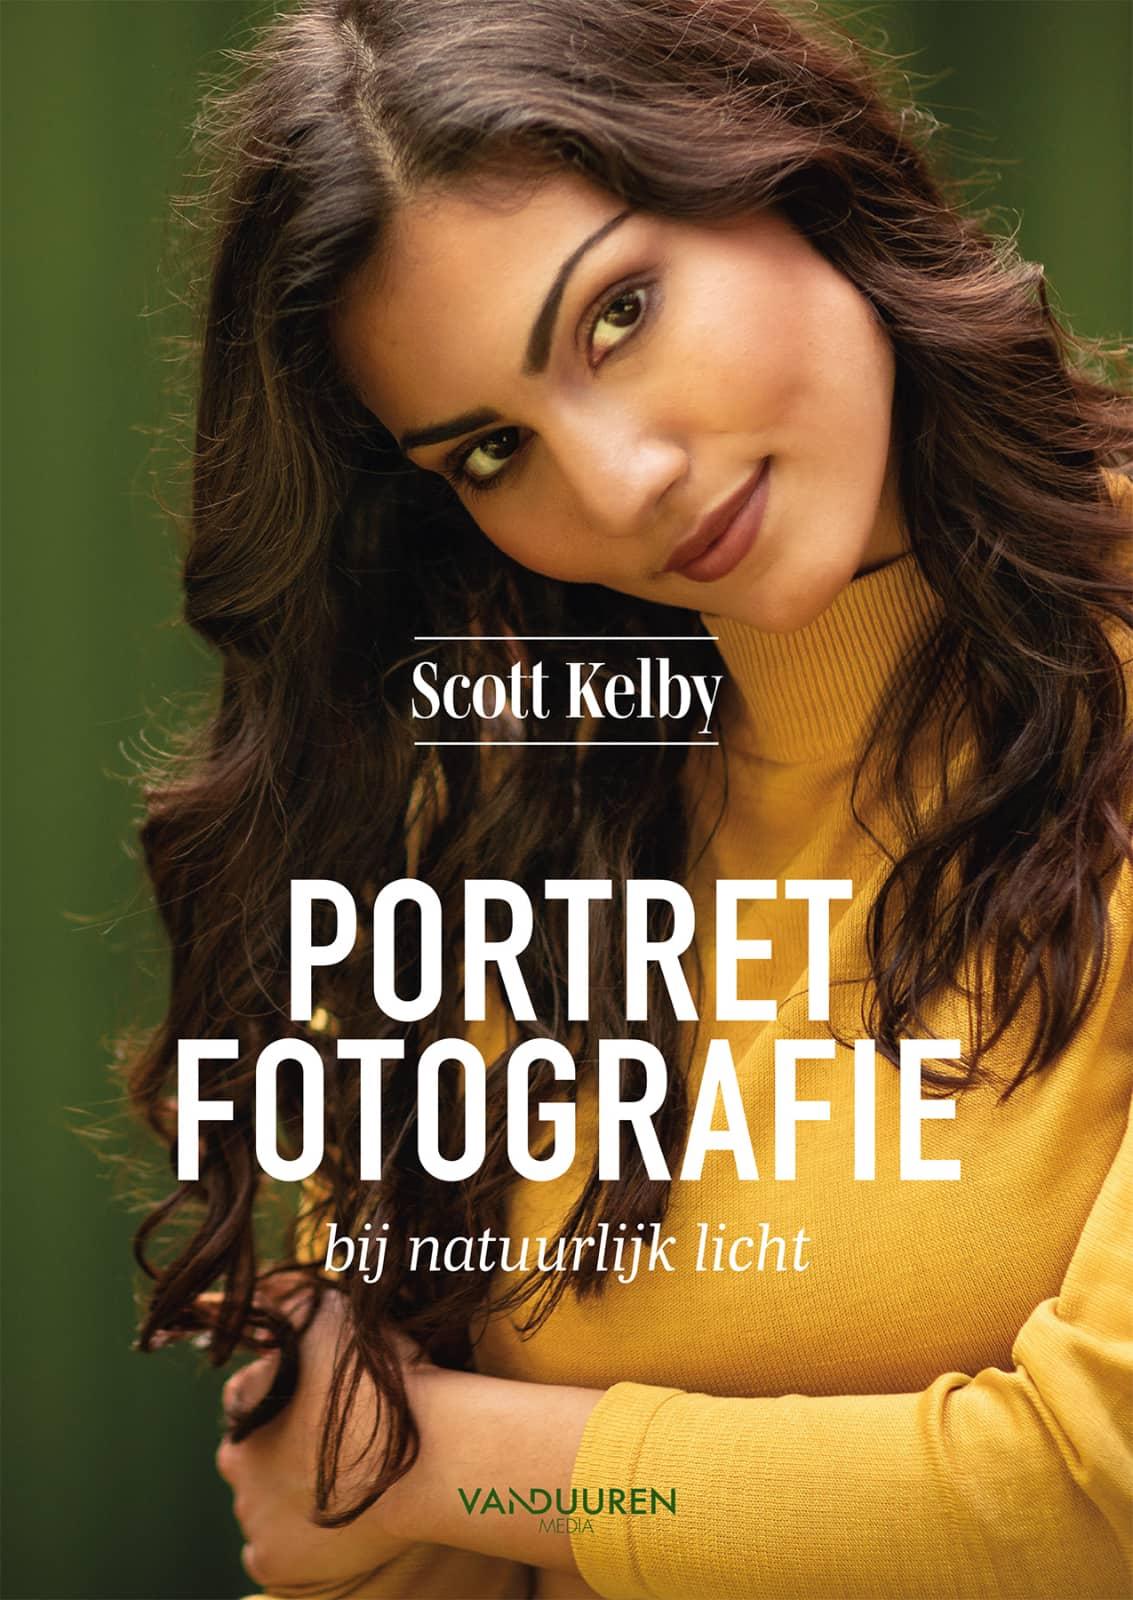 Portretfotografie bij natuurlijk licht - Scott Kelby, isbn 9789463561327